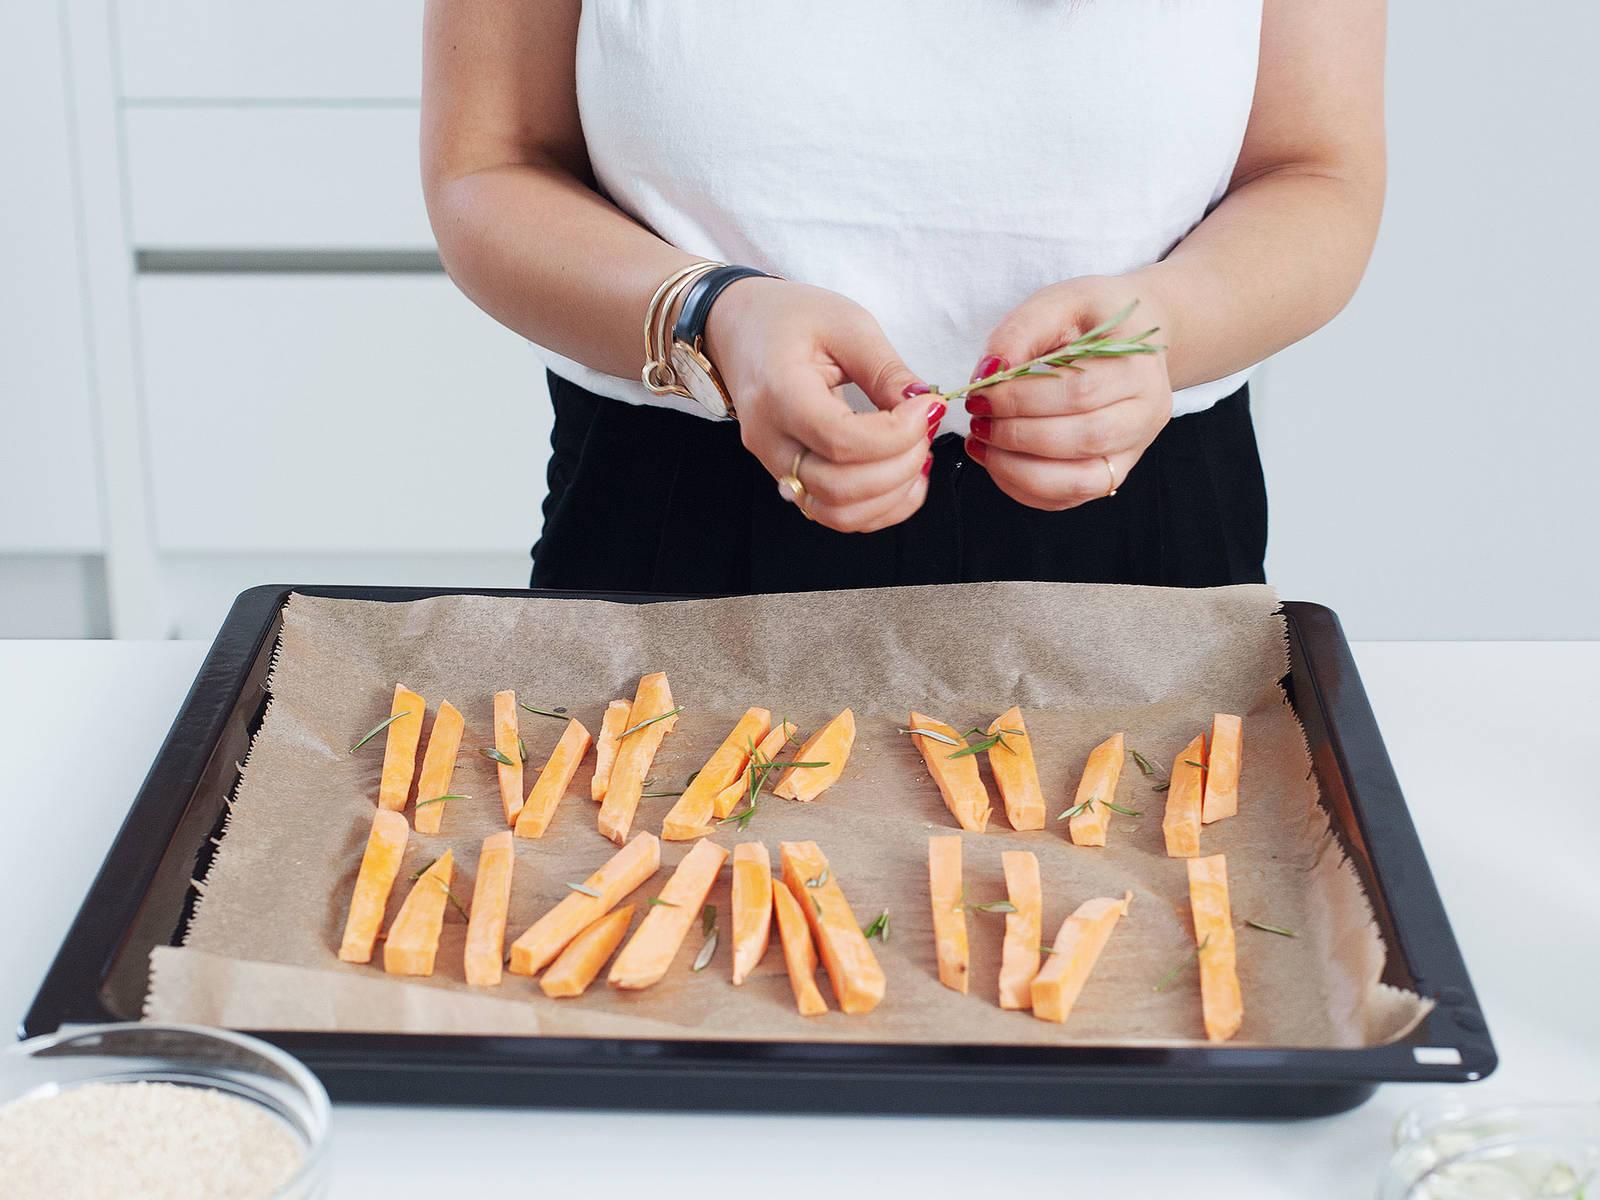 将烤箱预热至200度。红薯削皮并切成条。切碎百里香。将红薯条放到铺好烘焙纸的烤盘中。加盐调味,撒上百里香,淋上橄榄油。烤30分钟。